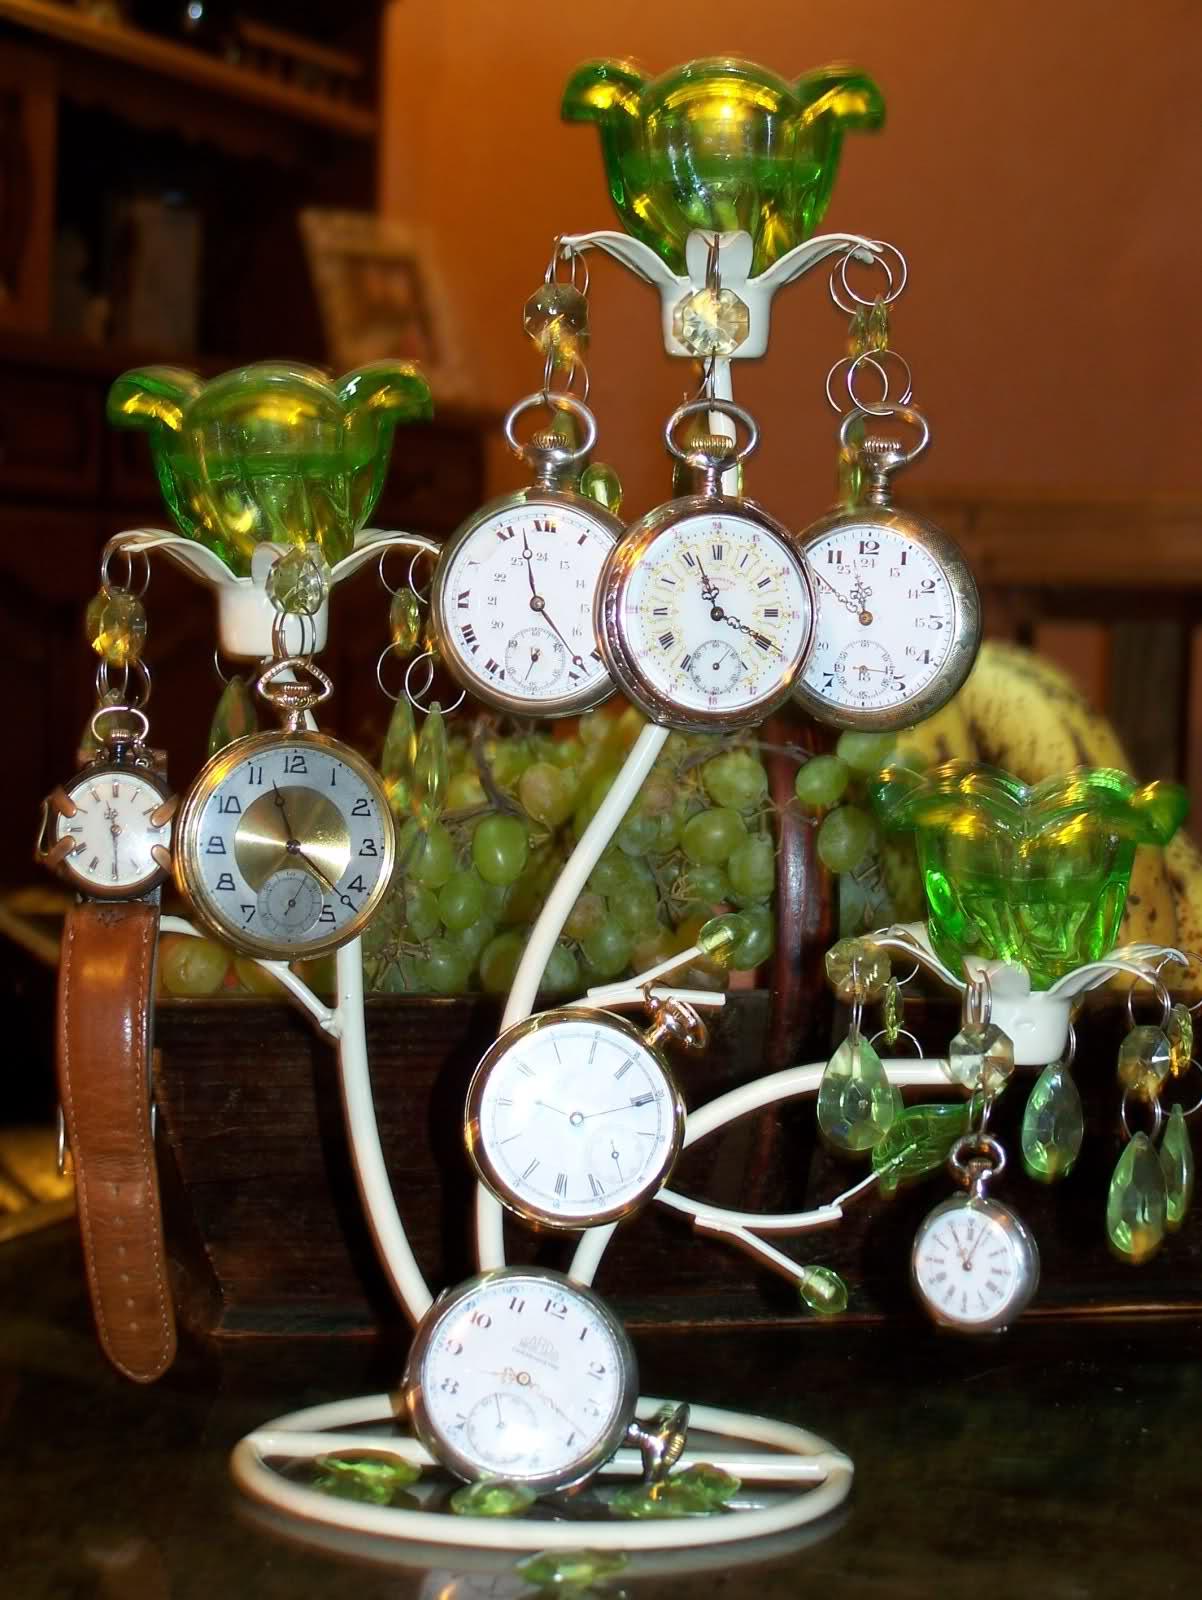 Votre montre de poche du moment ! - Page 2 2m2ynfq